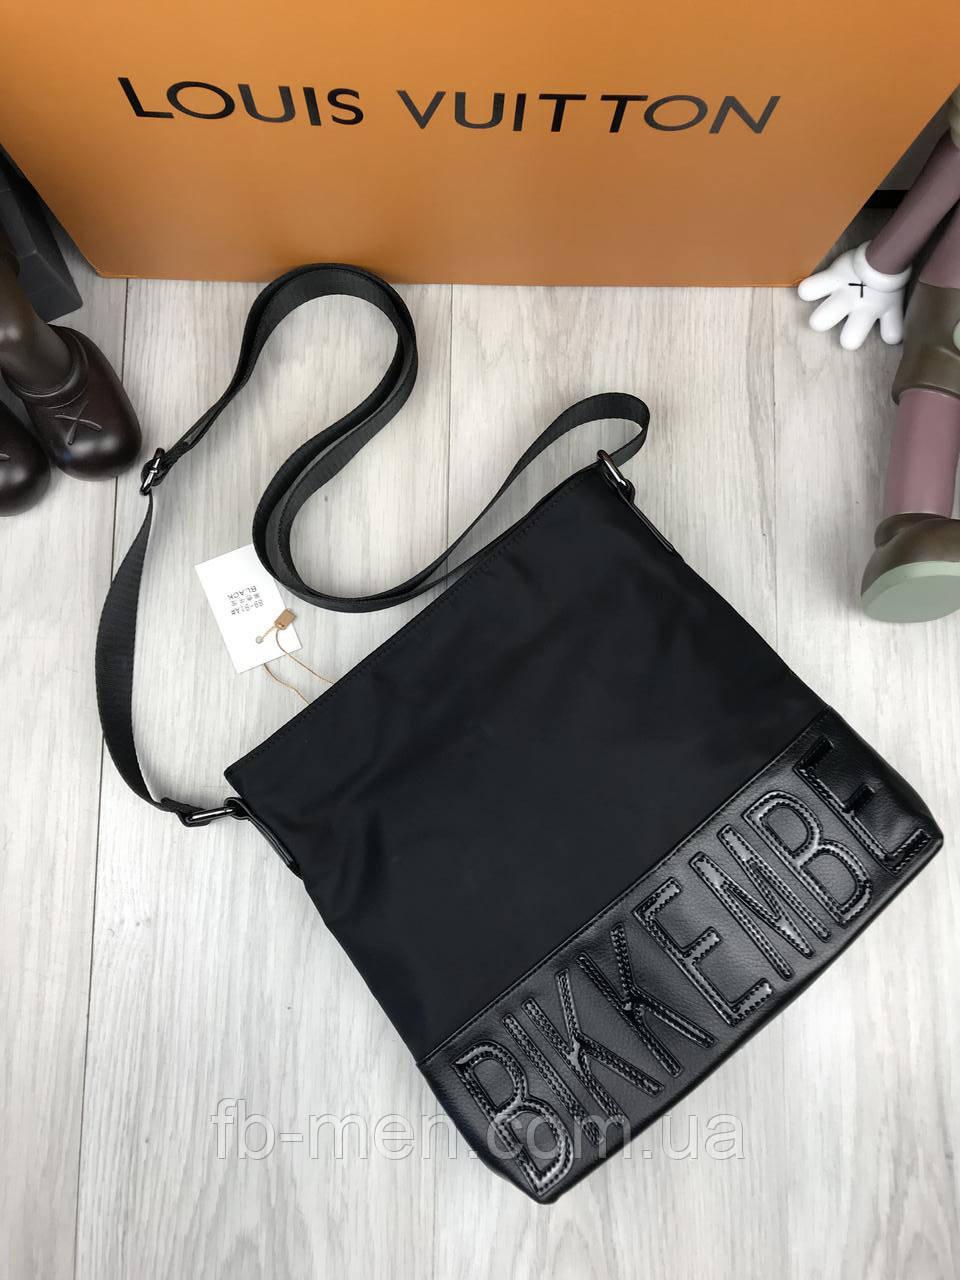 Мужская сумка-планшетка Биккимберсг | Сумка на плече черная Биккимбергс | Черная текстильная сумка Биккимберсг